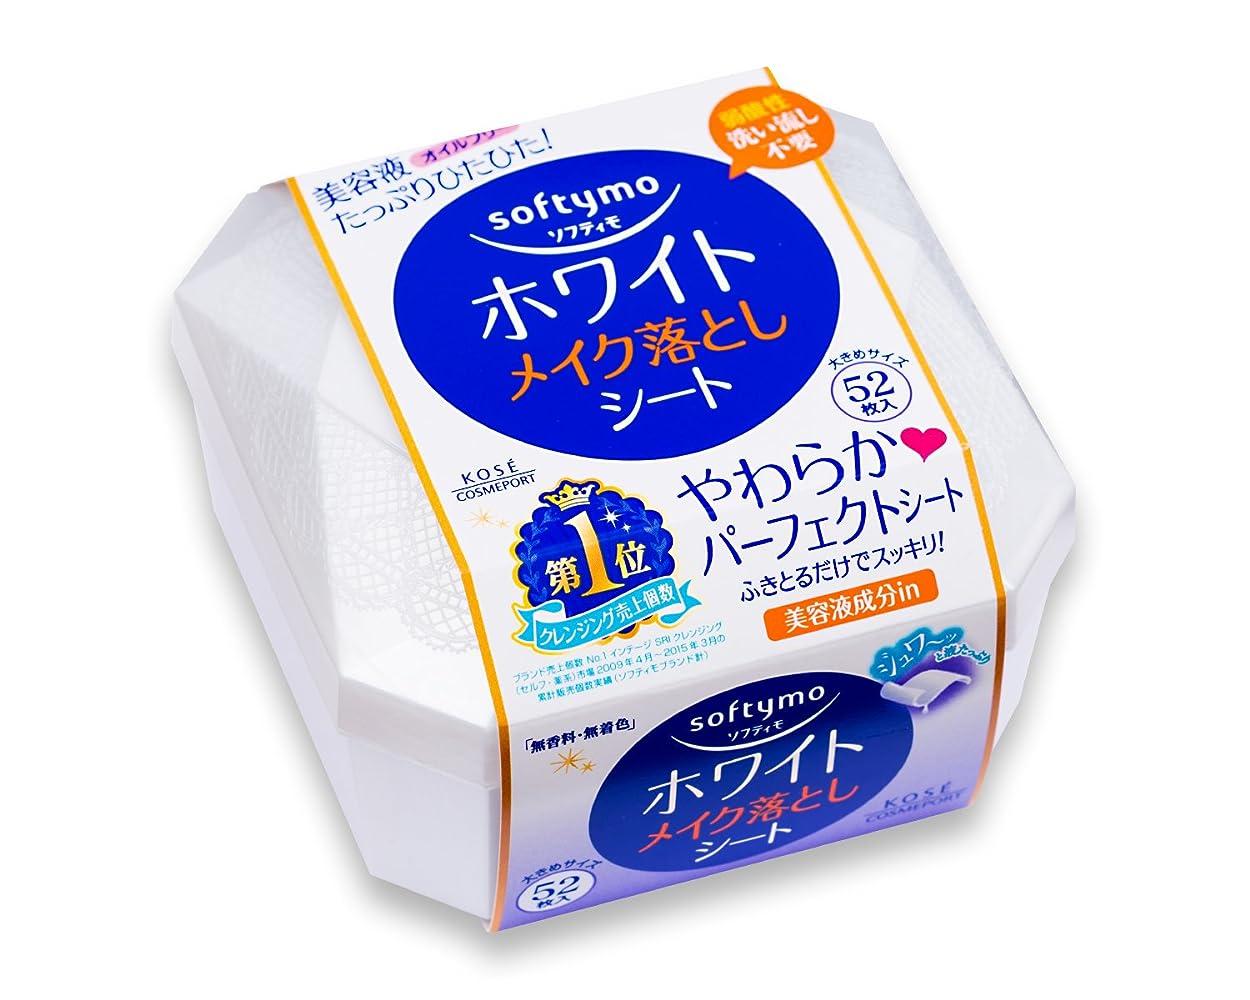 ニックネームテーマきらめくKOSE ソフティモ ホワイト メイク落としシート b 52枚入 (182mL)